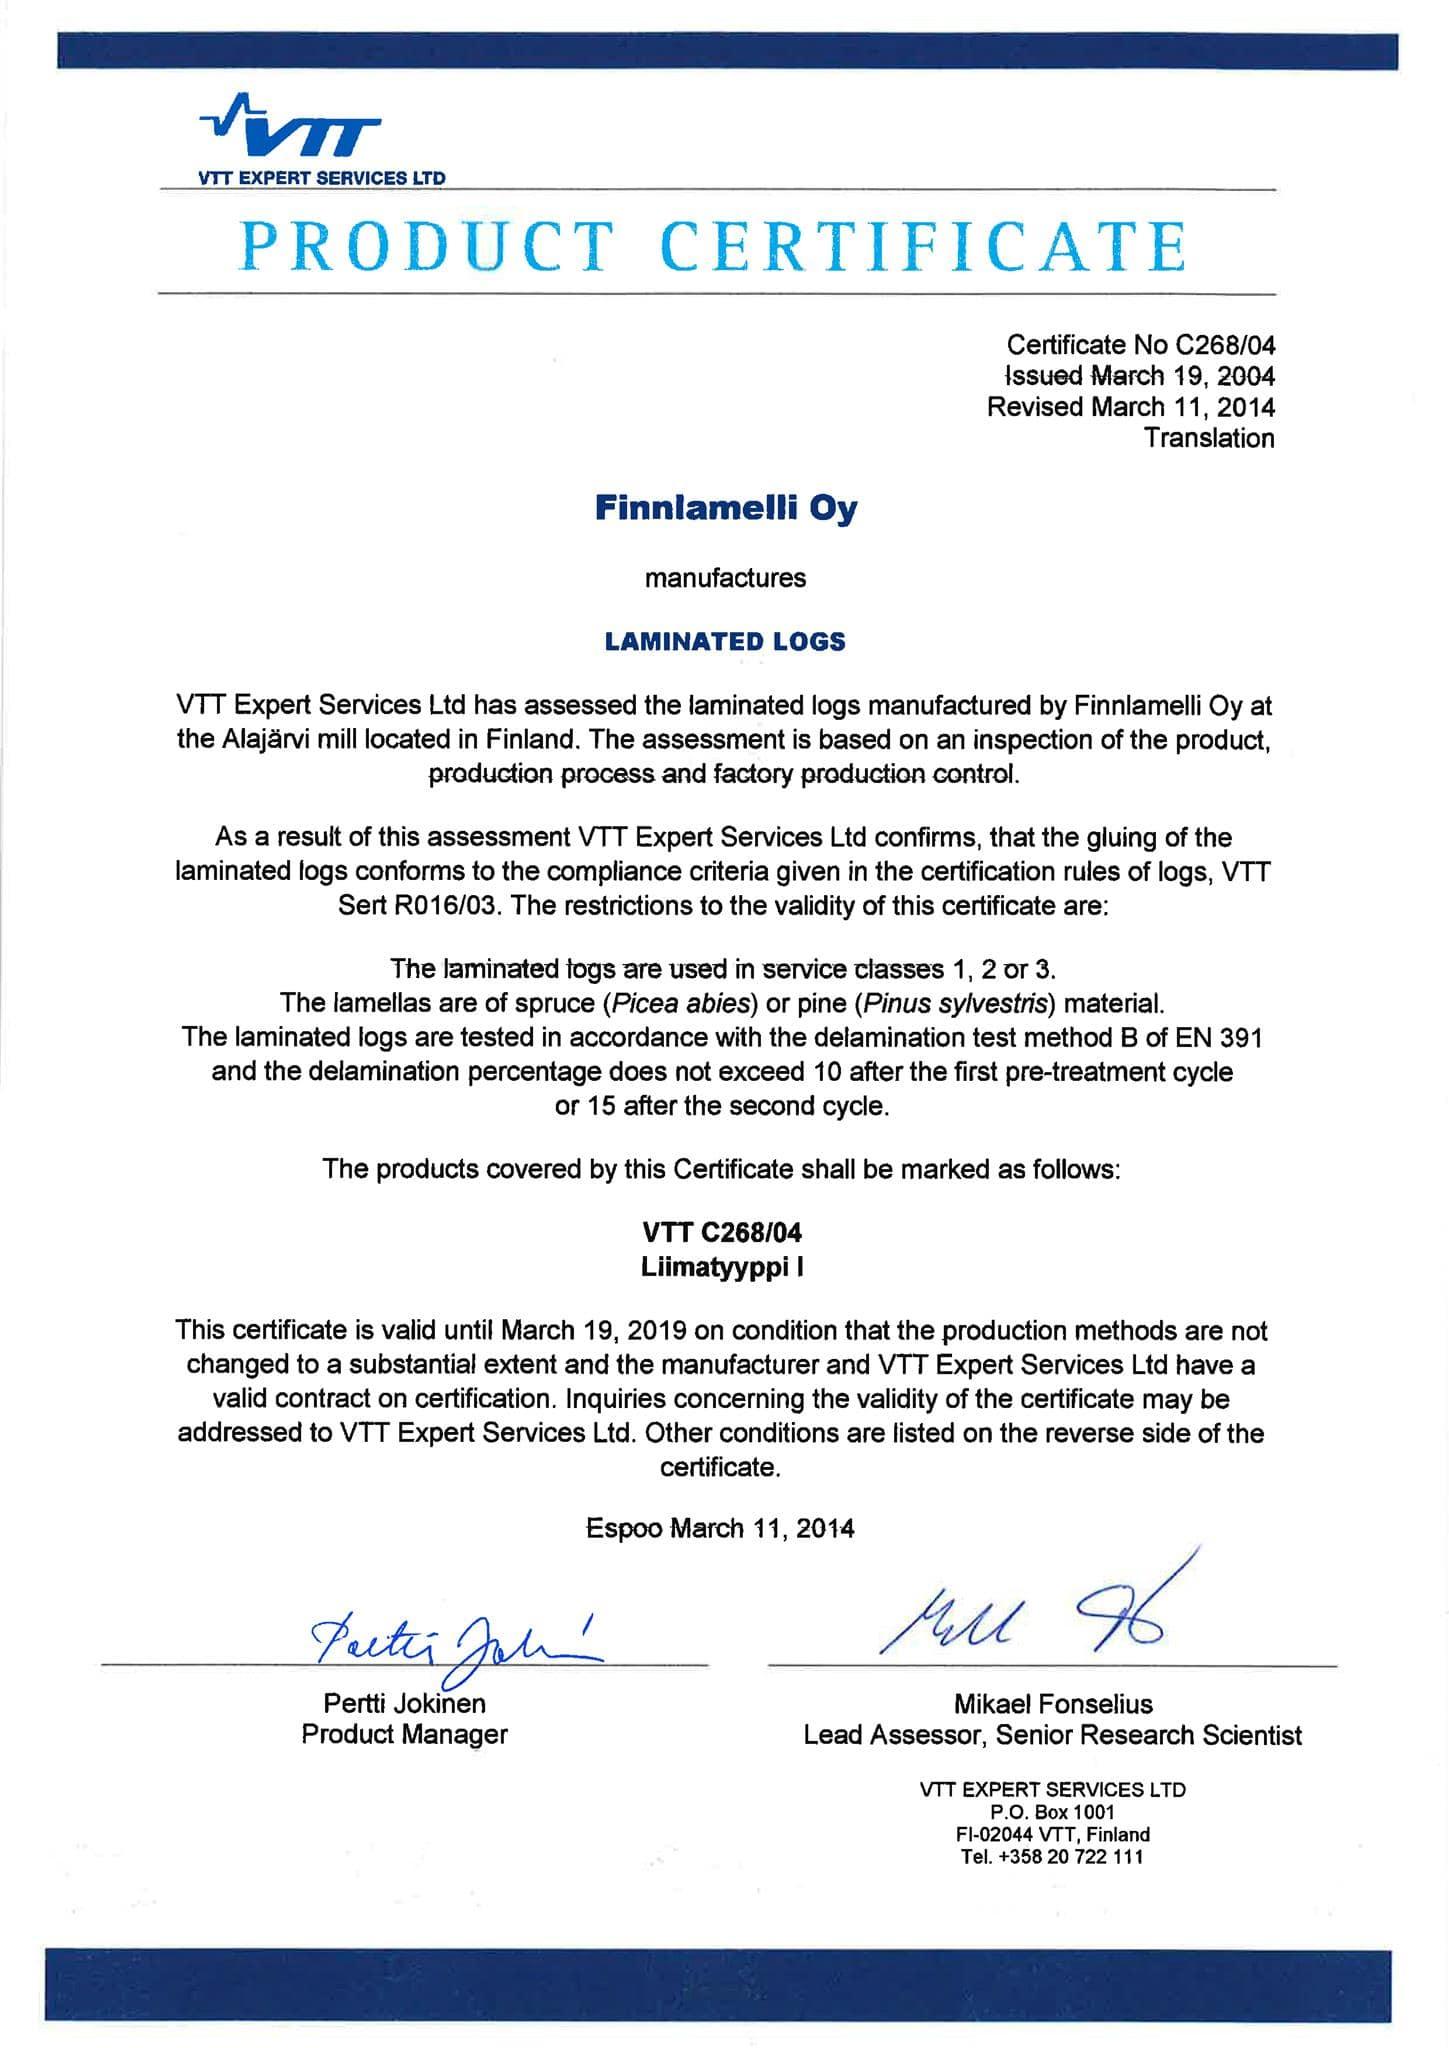 finnlamelli-oy-certificate-laminated-logs-c268-04-2014-03-11-1